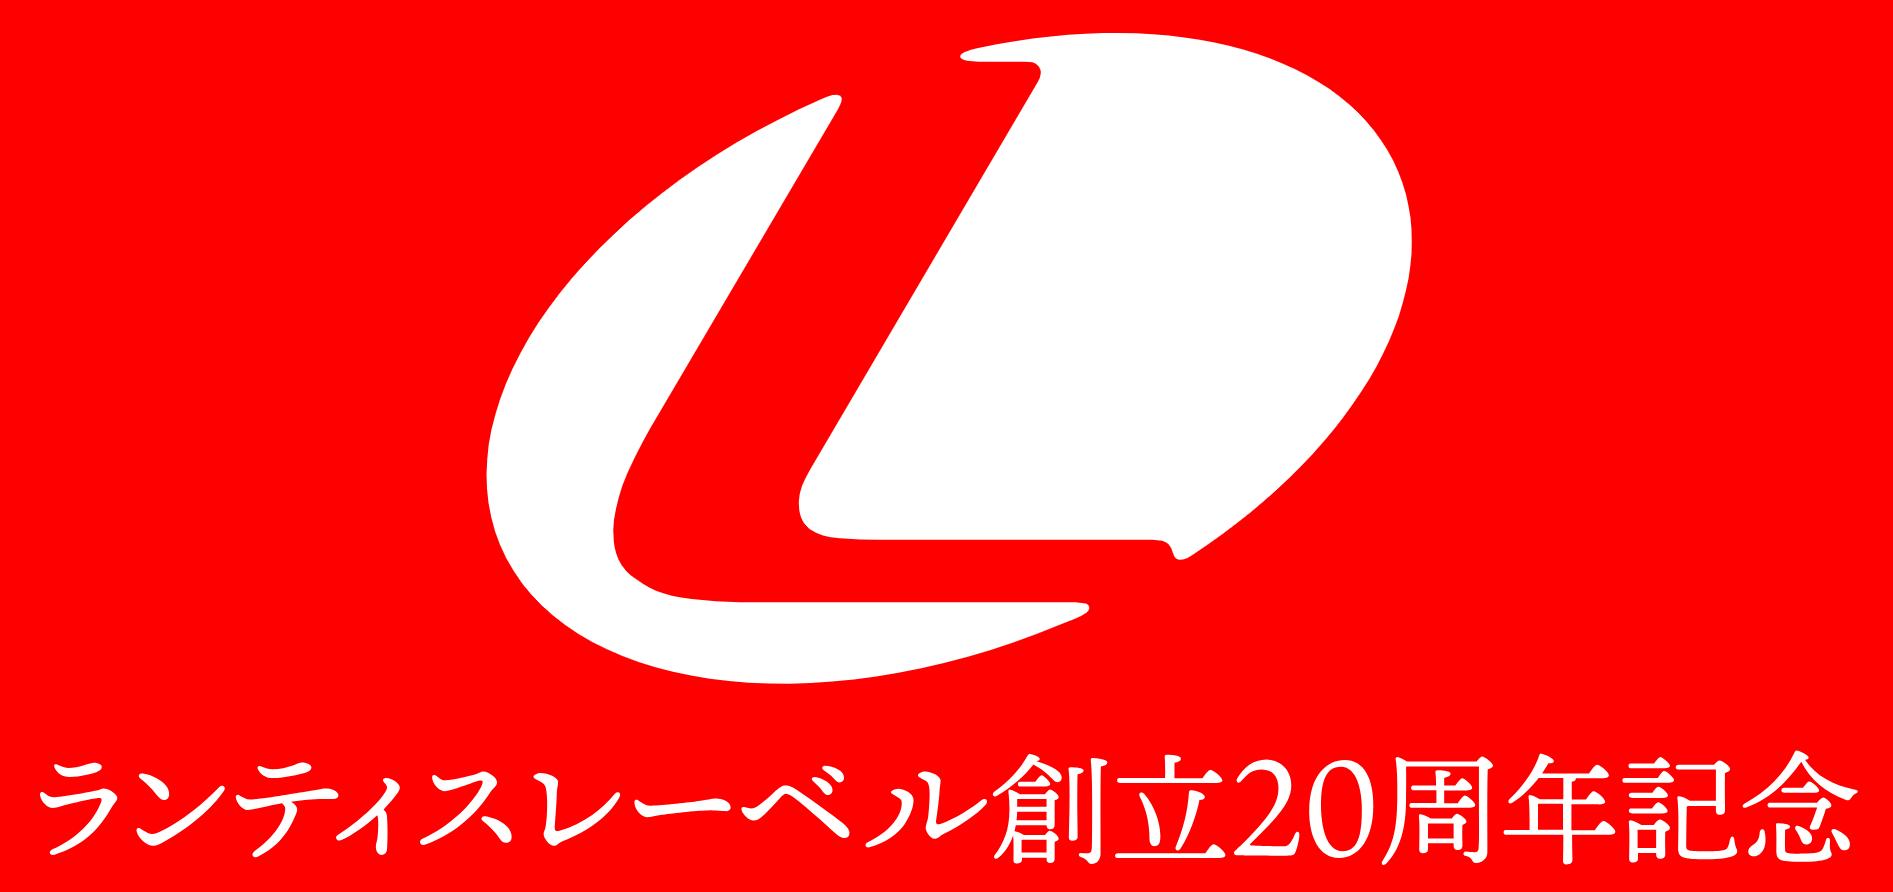 今日ACG | 原创动画RobiHachi倒计时主页上线 ,Lantis 品牌成立20周年纪念演唱会举办决定-ANICOGA